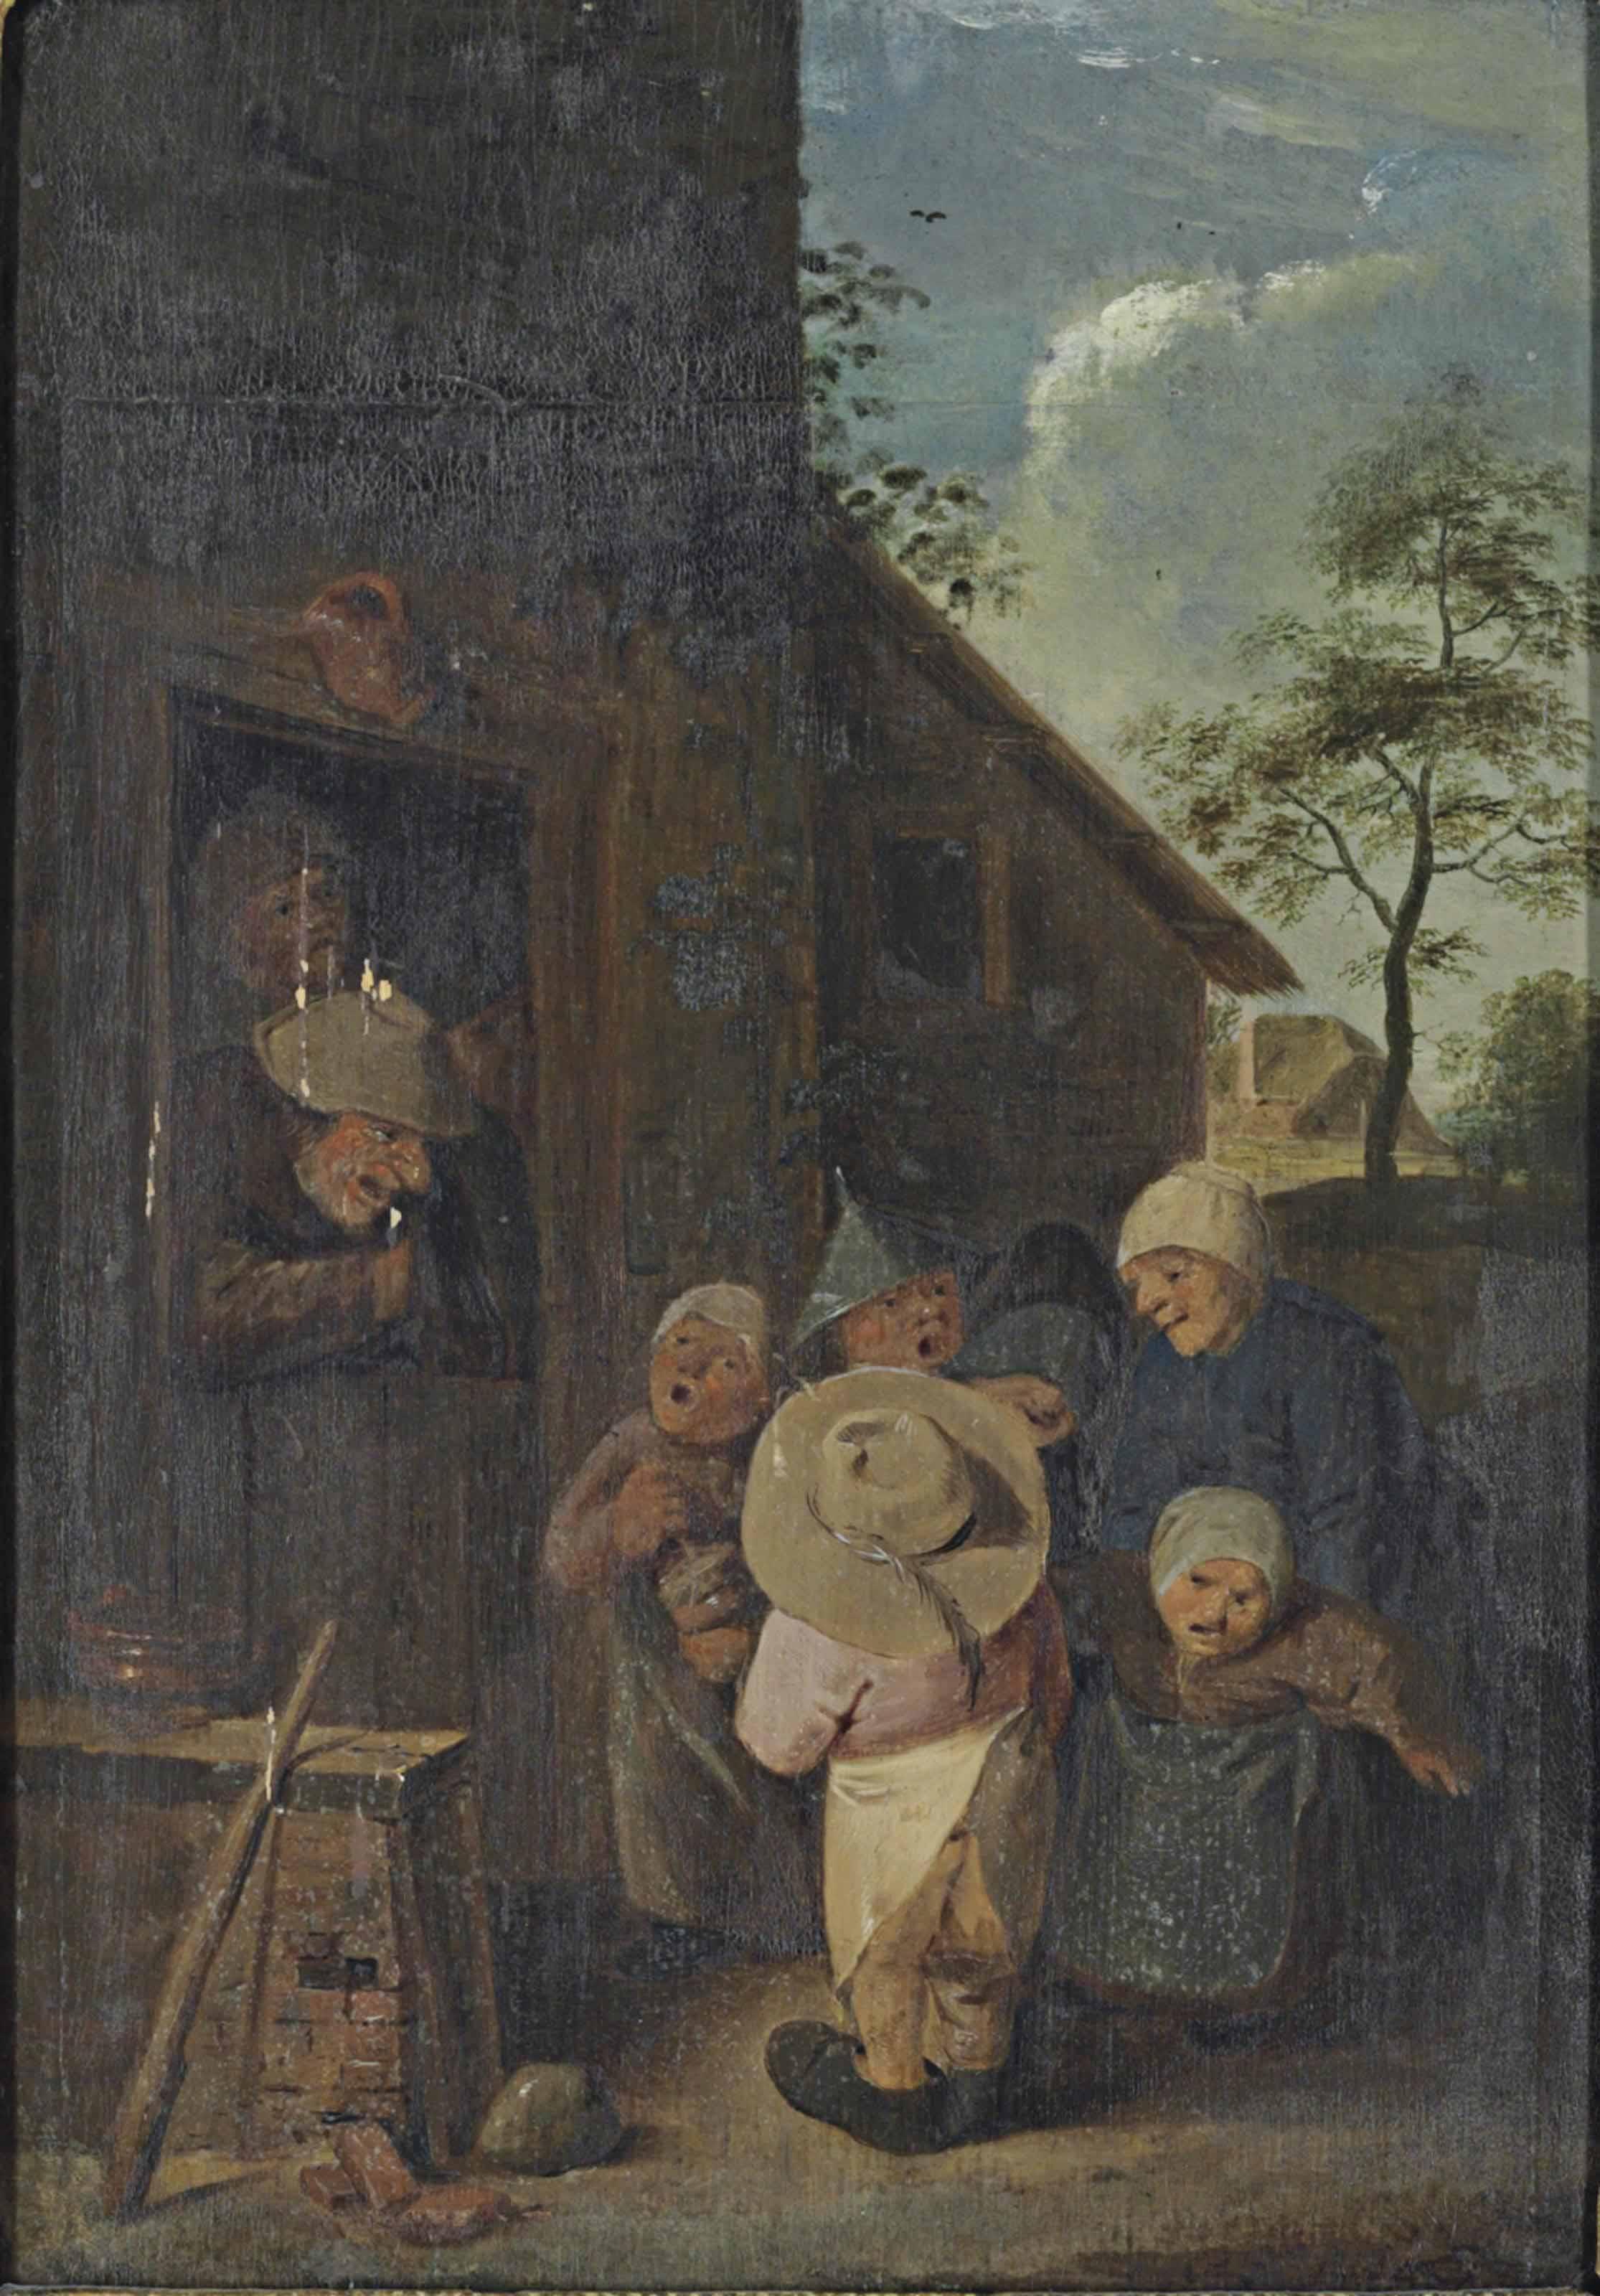 Peasants making music outside an inn